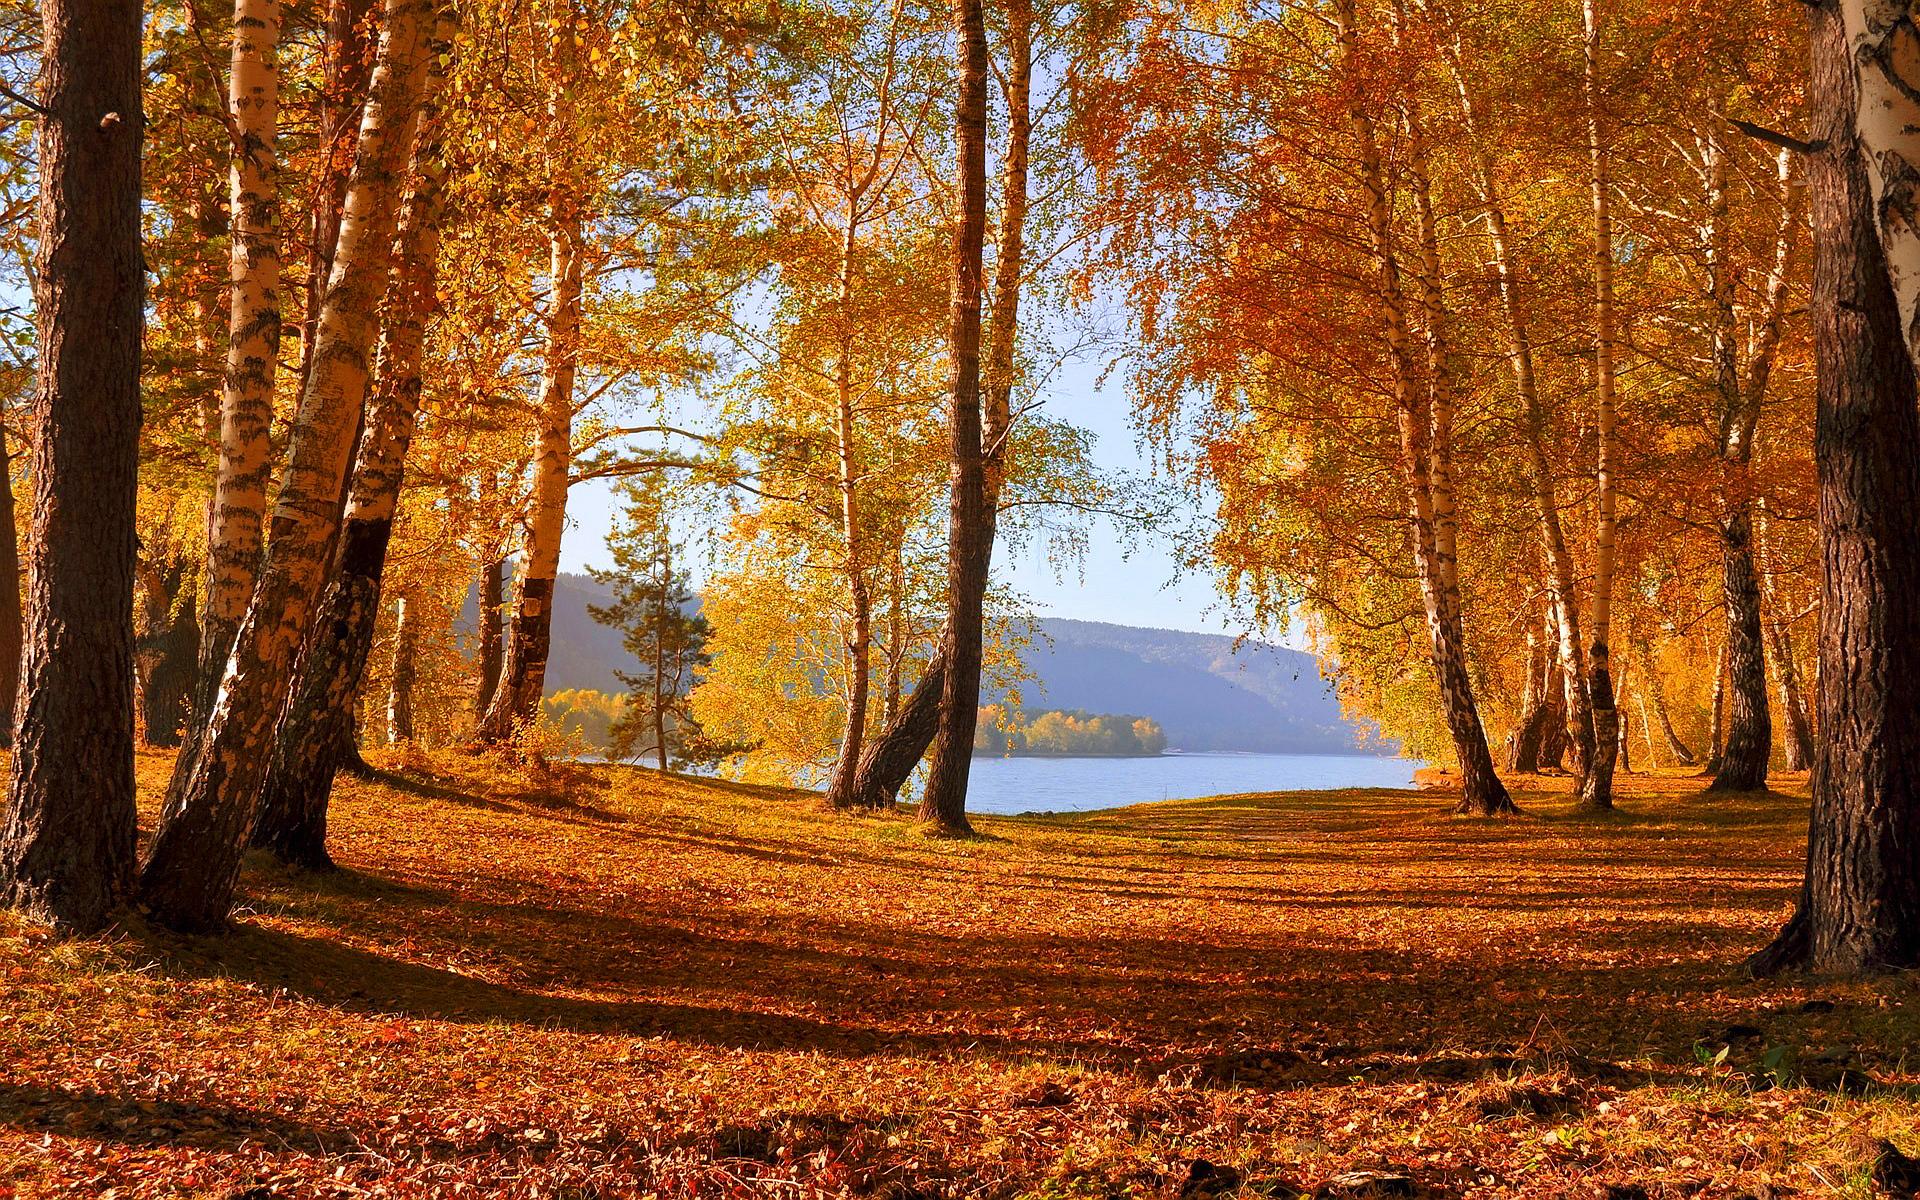 lake backgrounds autumn